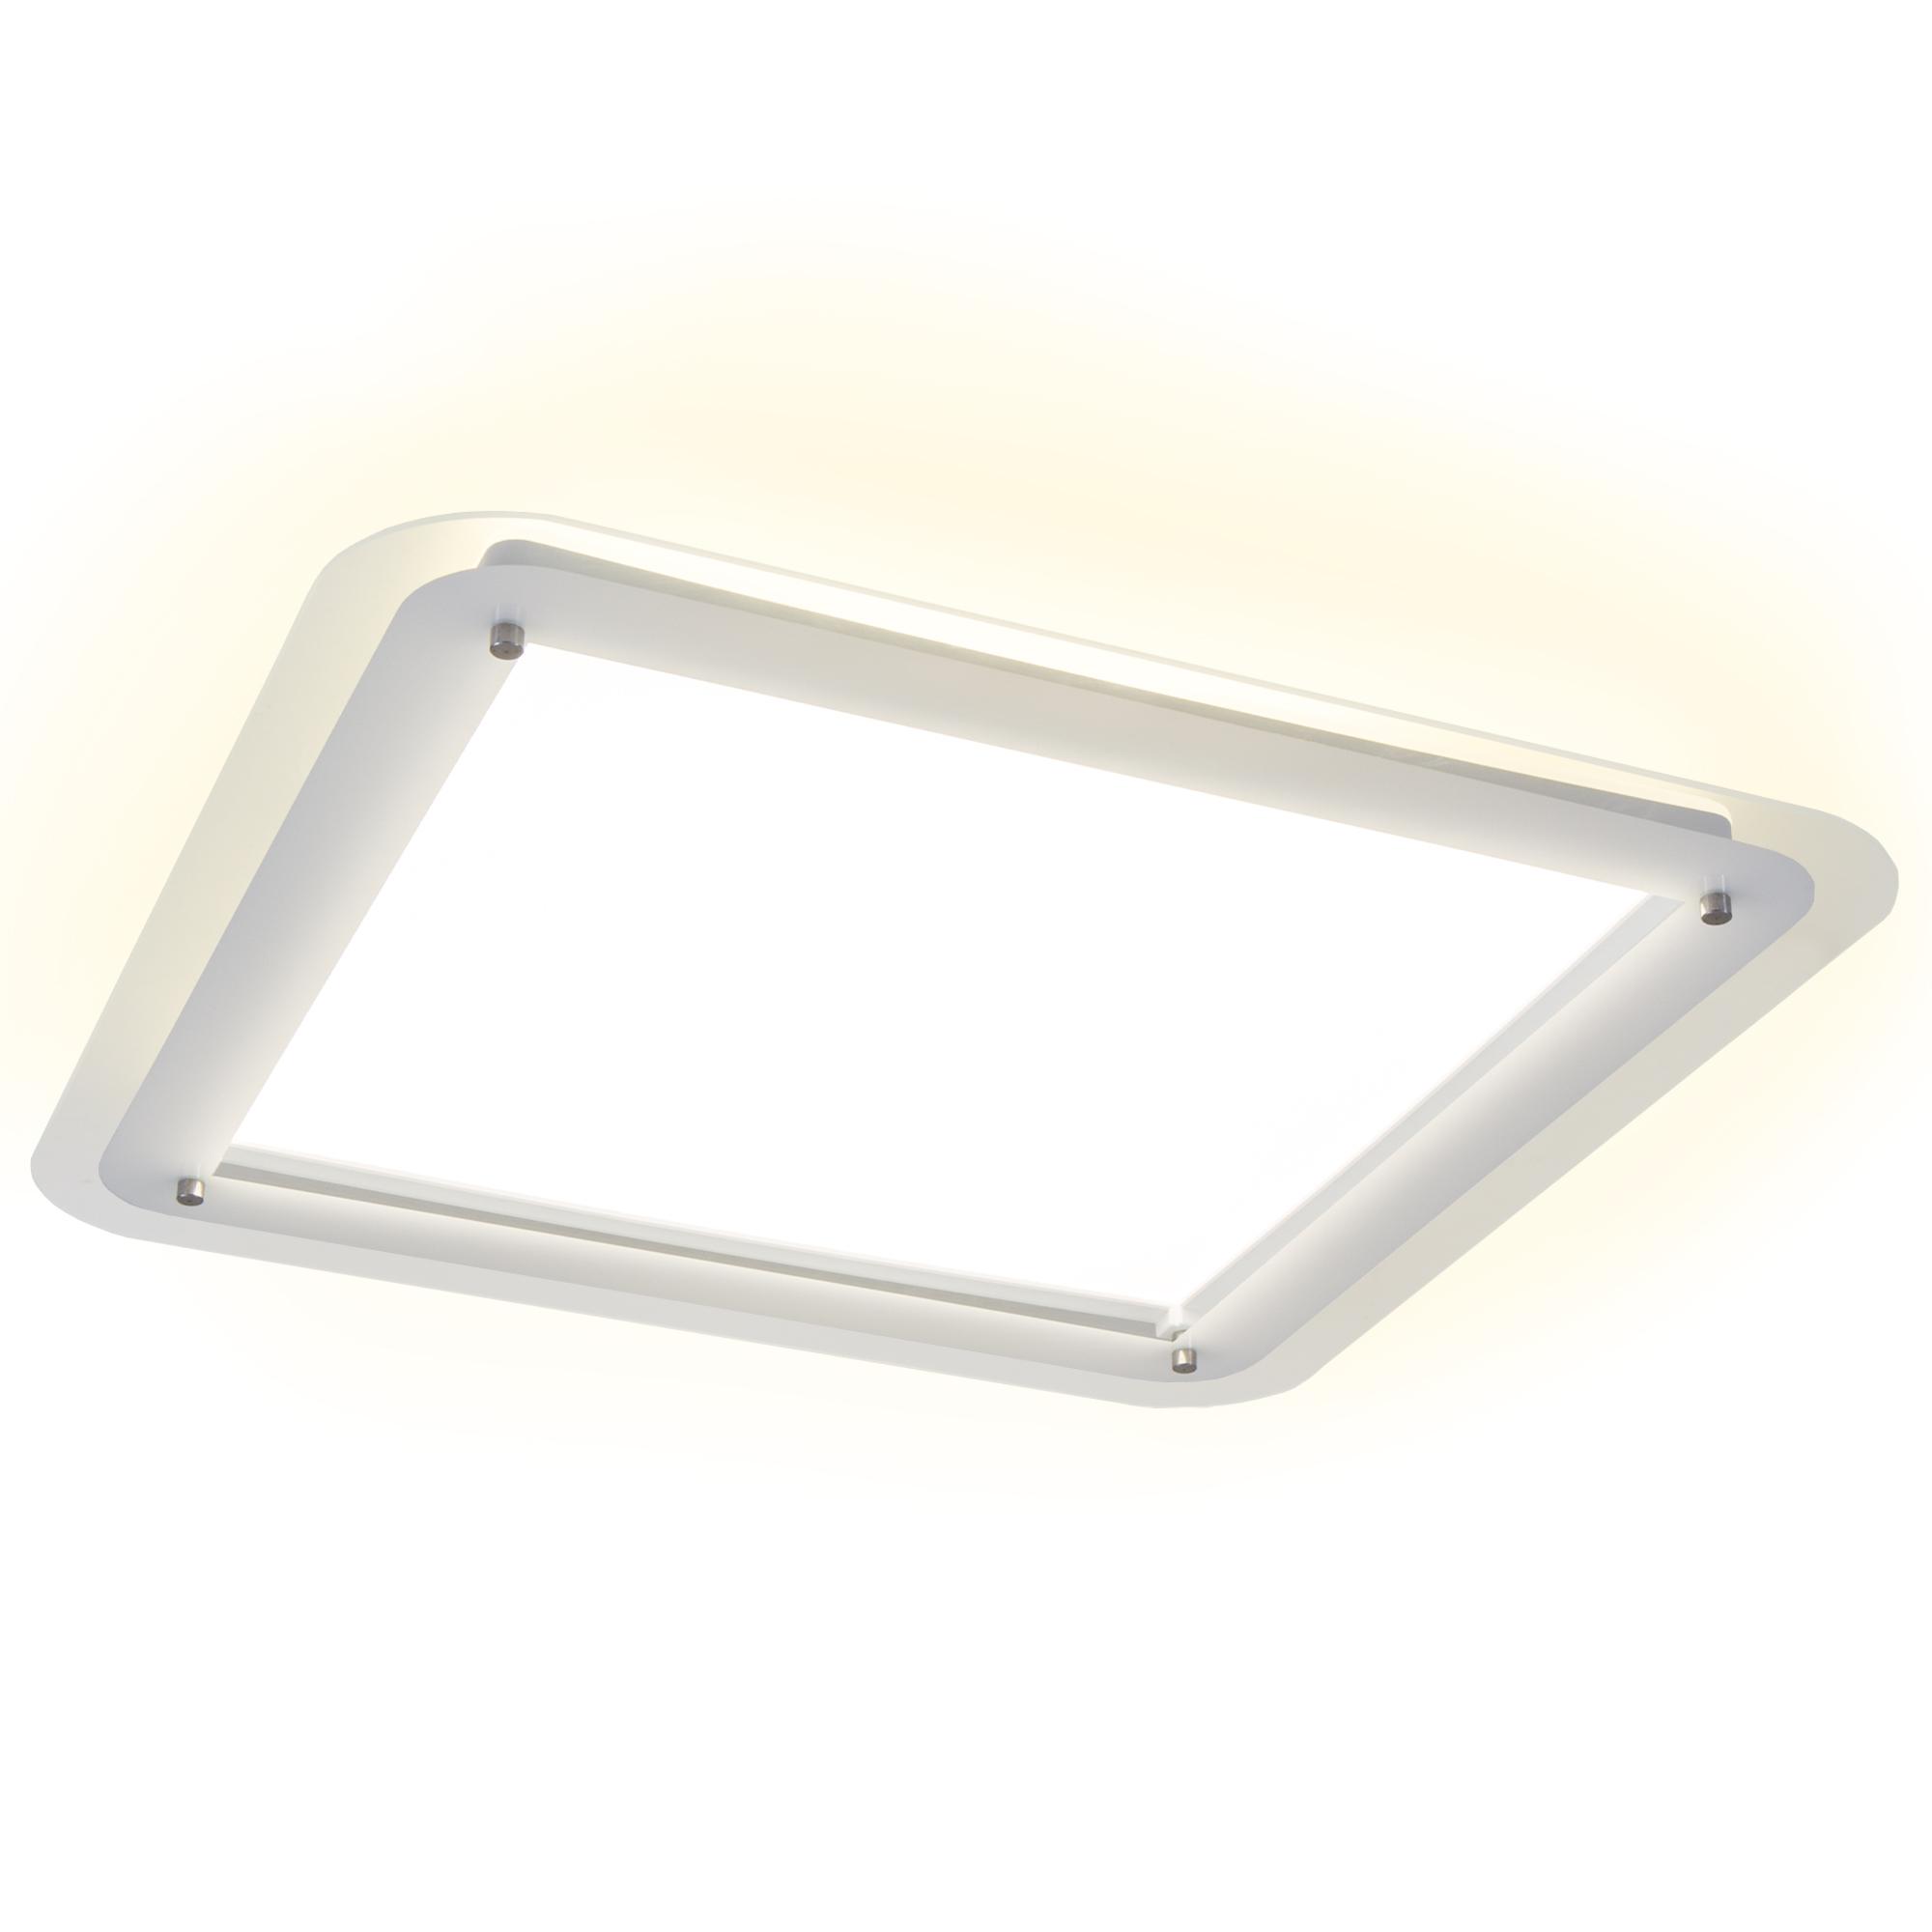 LED Deckenleuchte, 40 cm, 18 W, Weiß